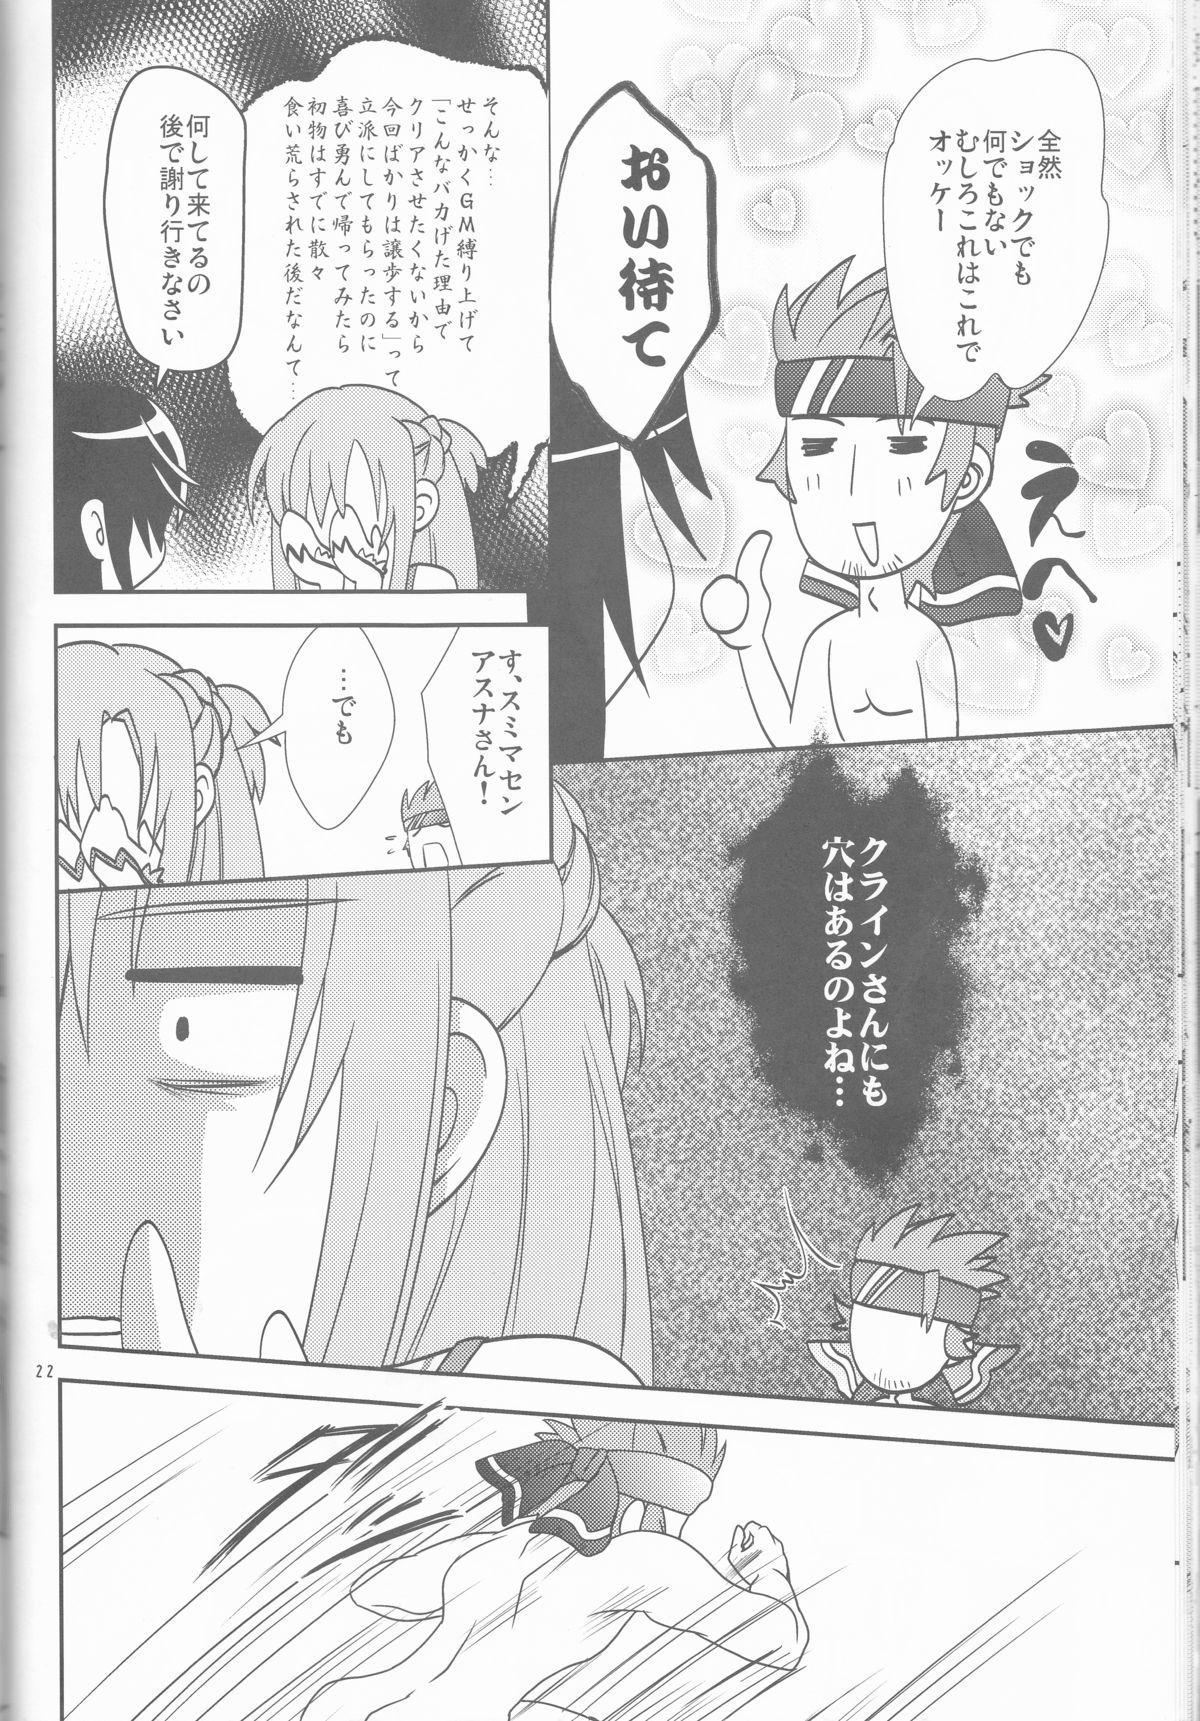 Kirito-kun no shiroku betatsuku nani ka 3 21